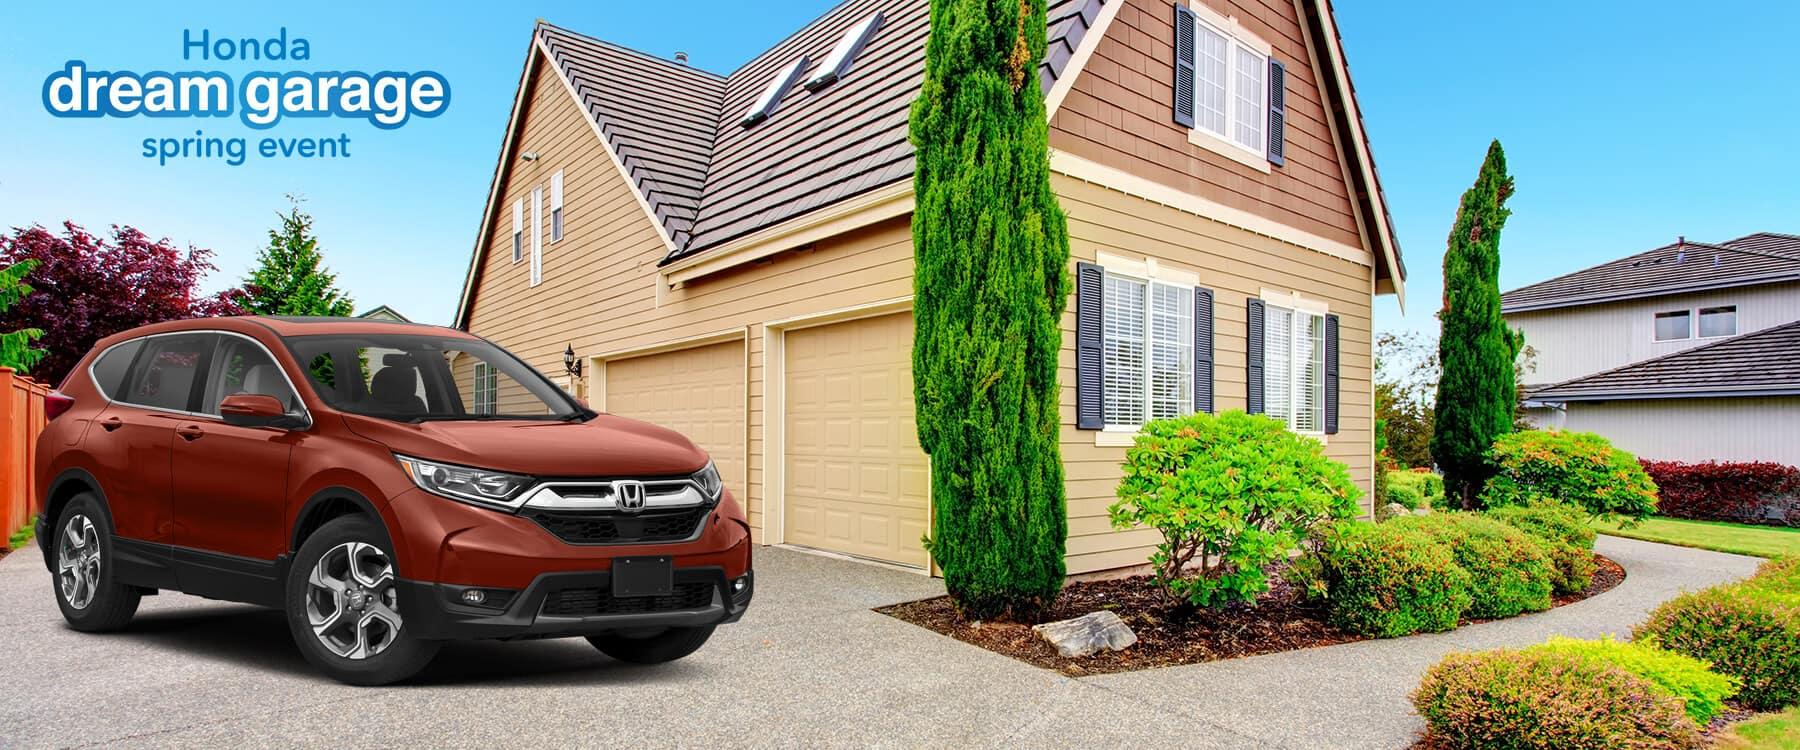 Honda Dream Garage Spring Event 2019 CR-V Slider